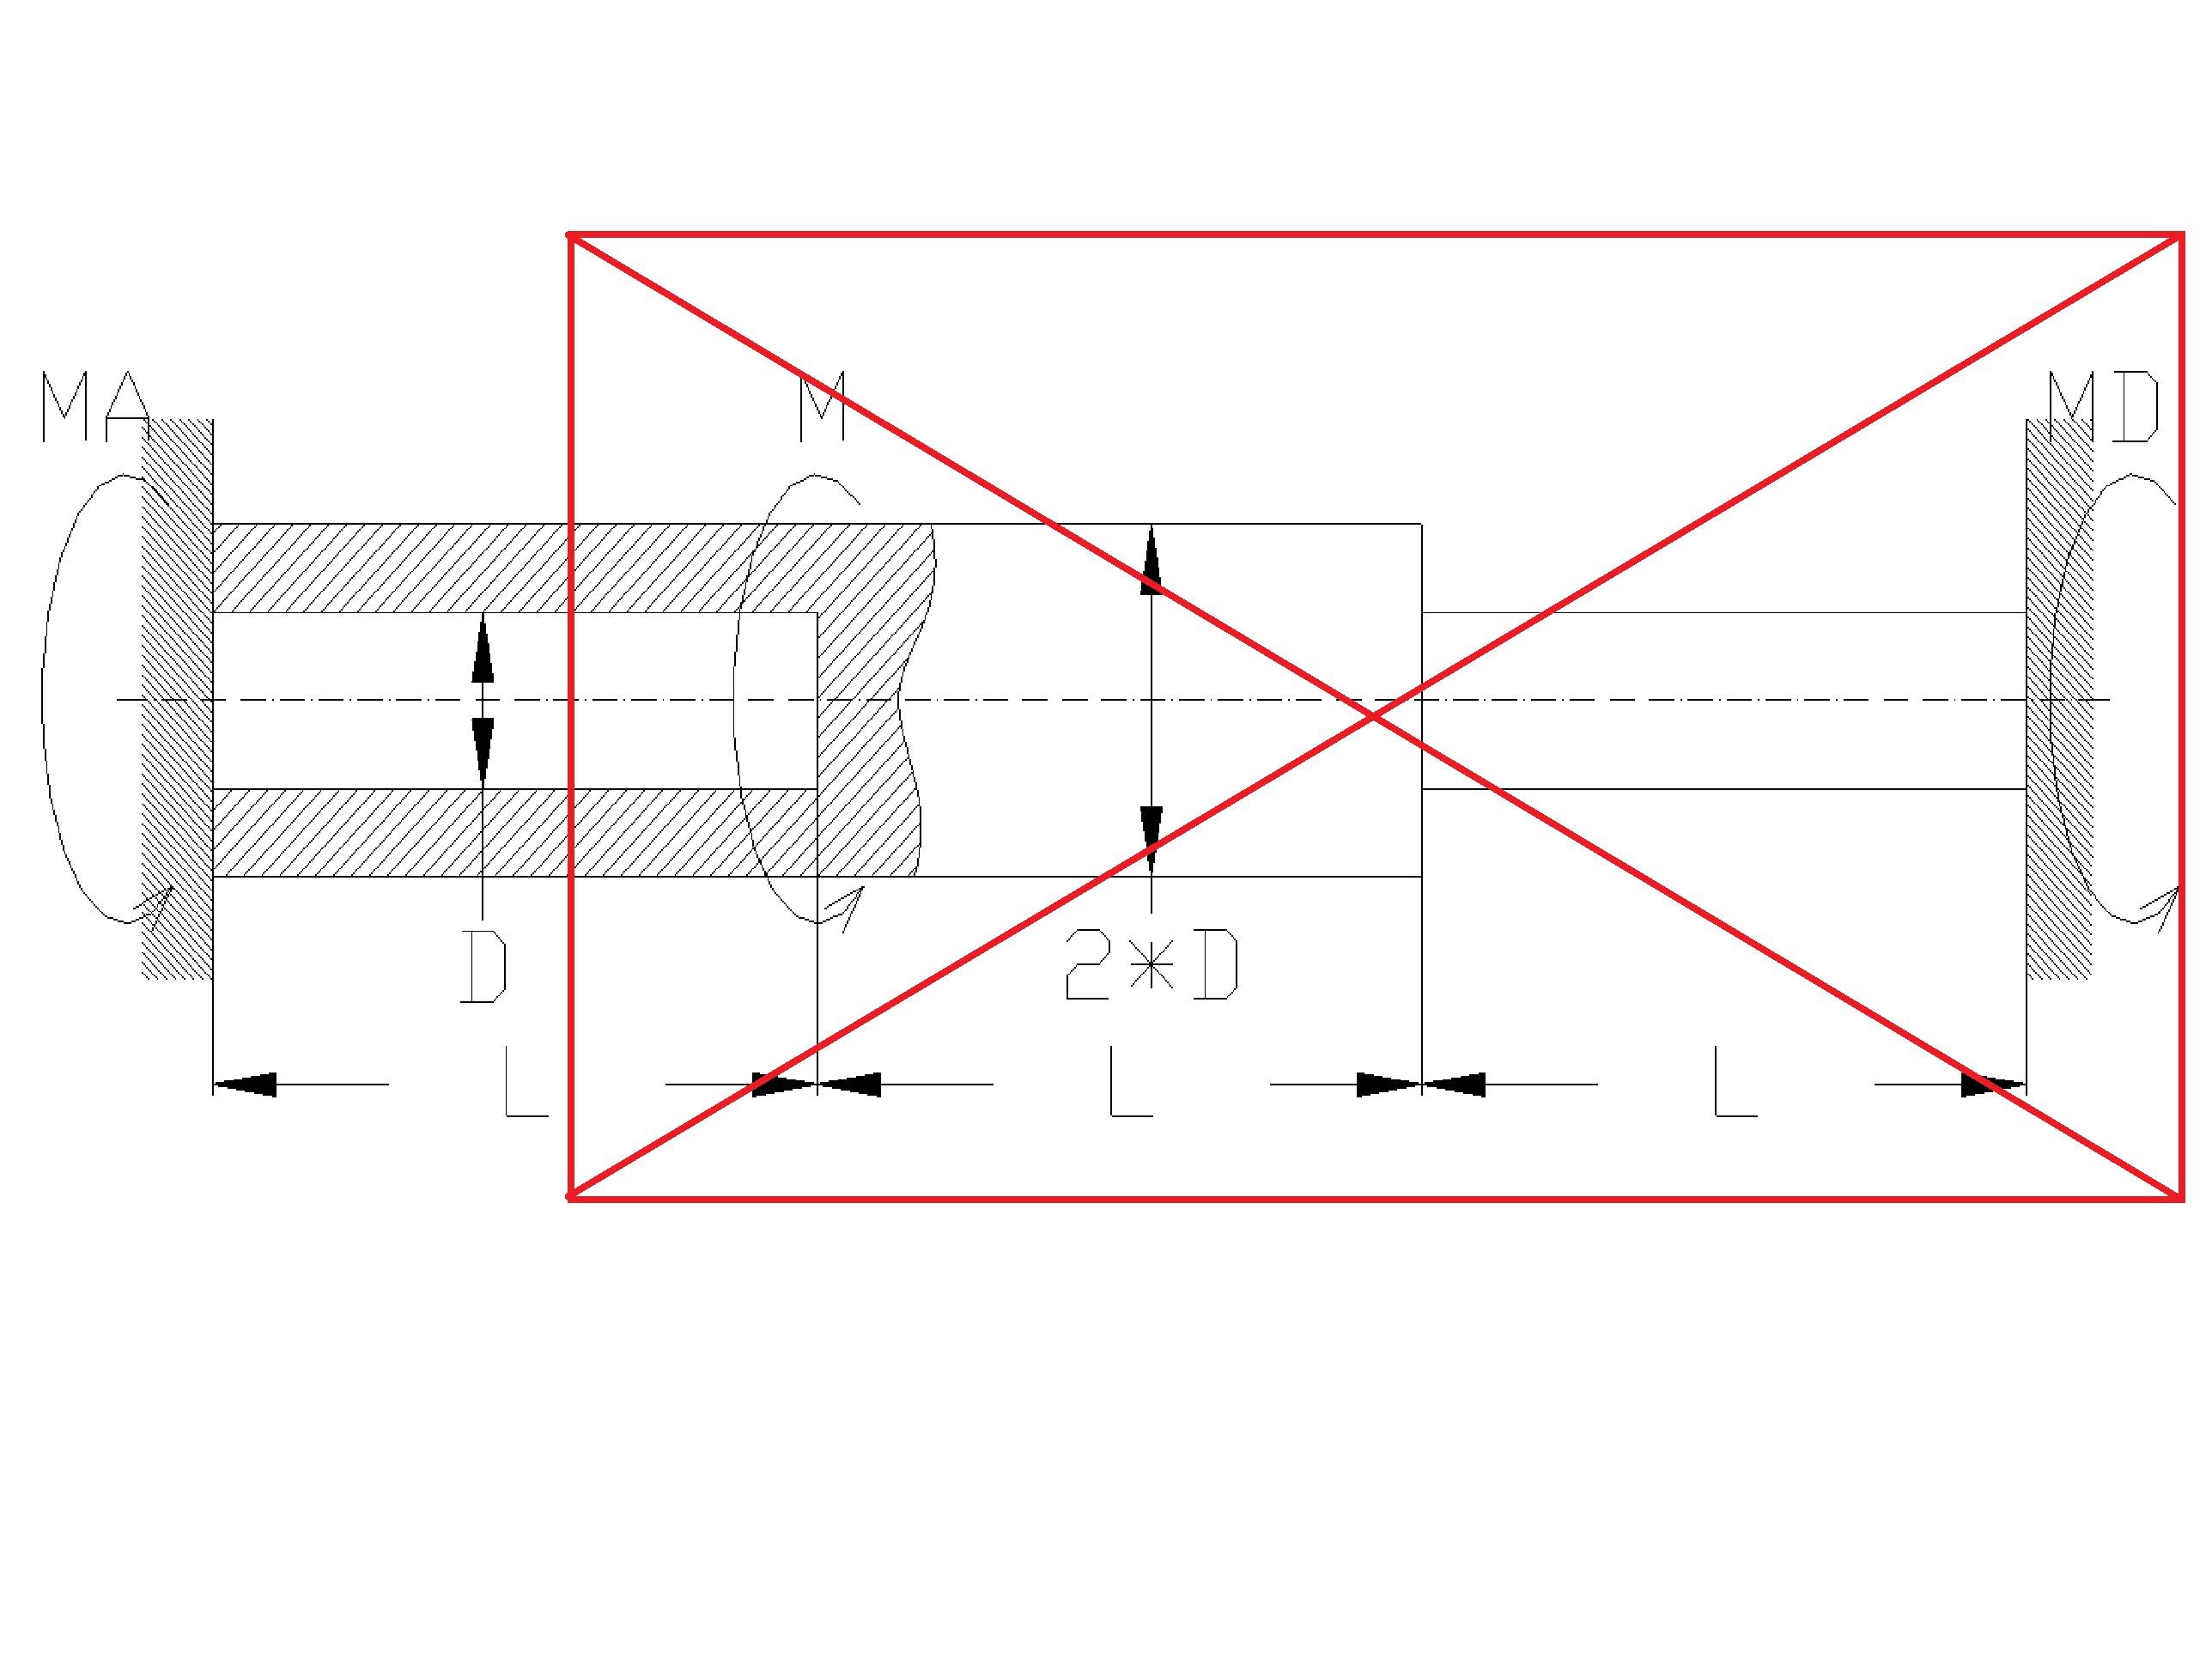 skrecanie3 - Skręcanie - wytrzymałość materiałów - zadanie 13